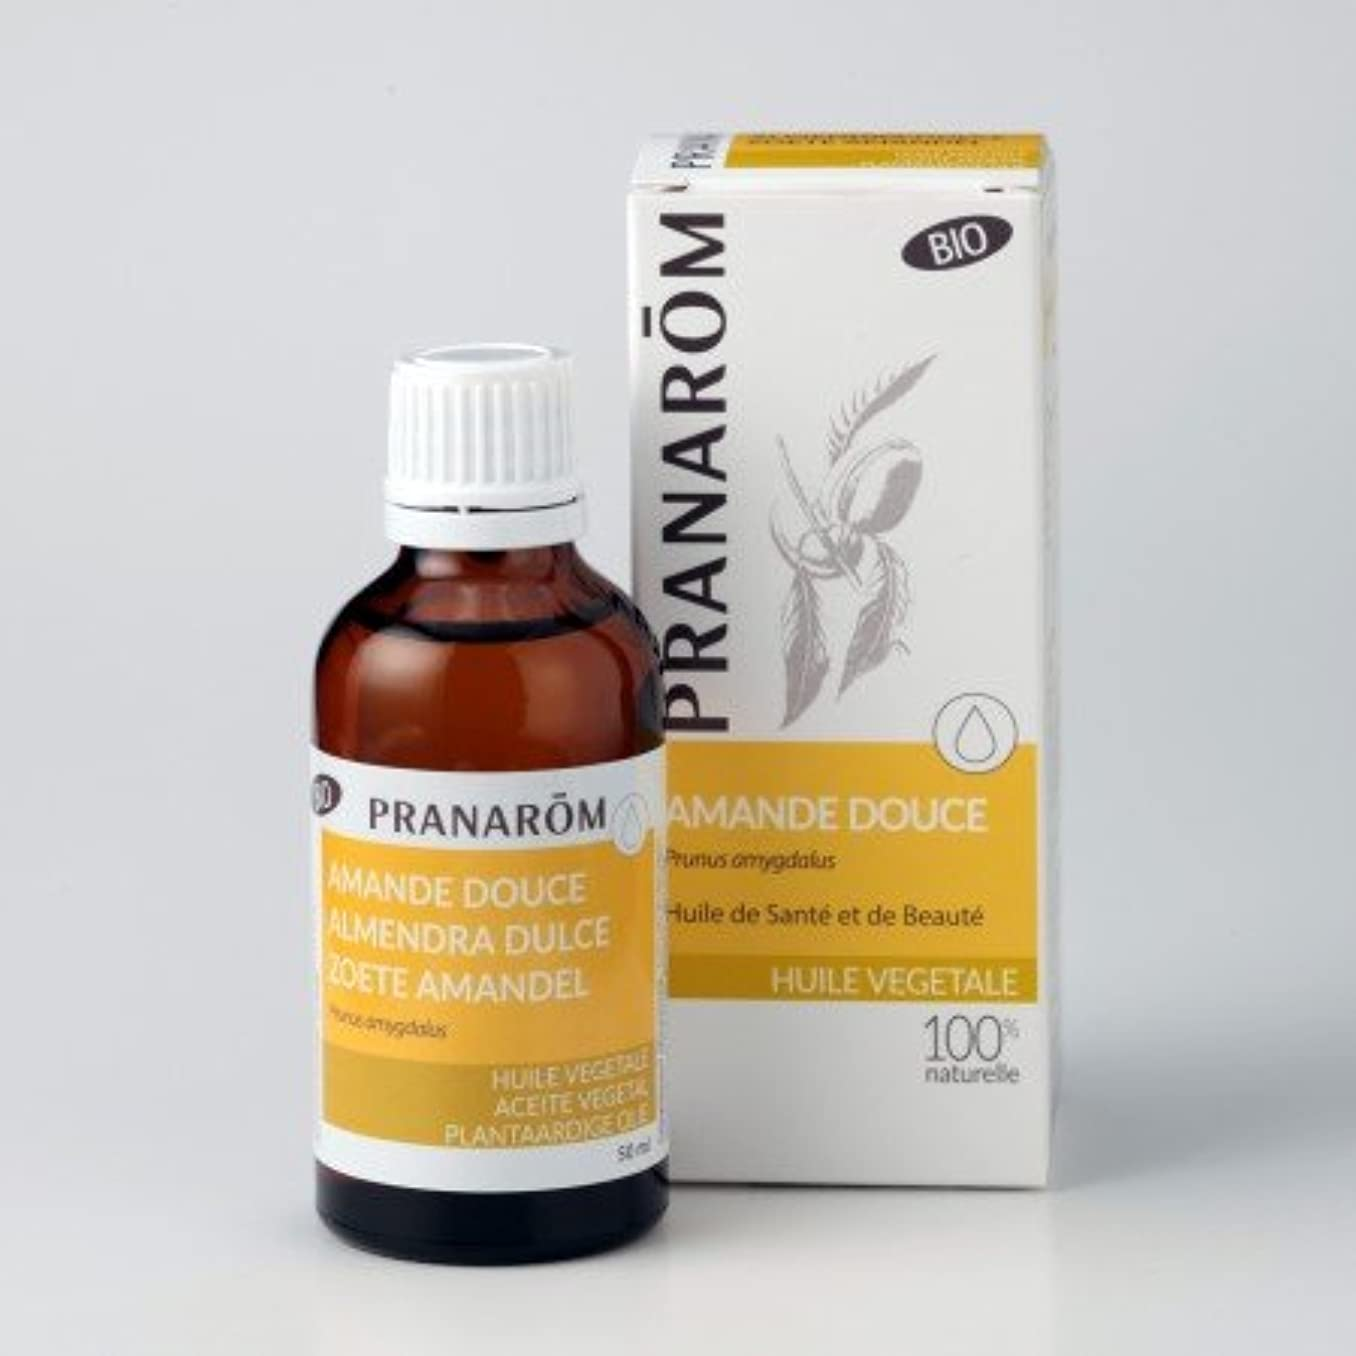 雇用者邪悪なタンカープラナロム ( PRANAROM ) 植物油 スィートアーモンド油 ( スイートアーモンド油 ) 50ml 12640 スイートアーモンドオイル キャリア...